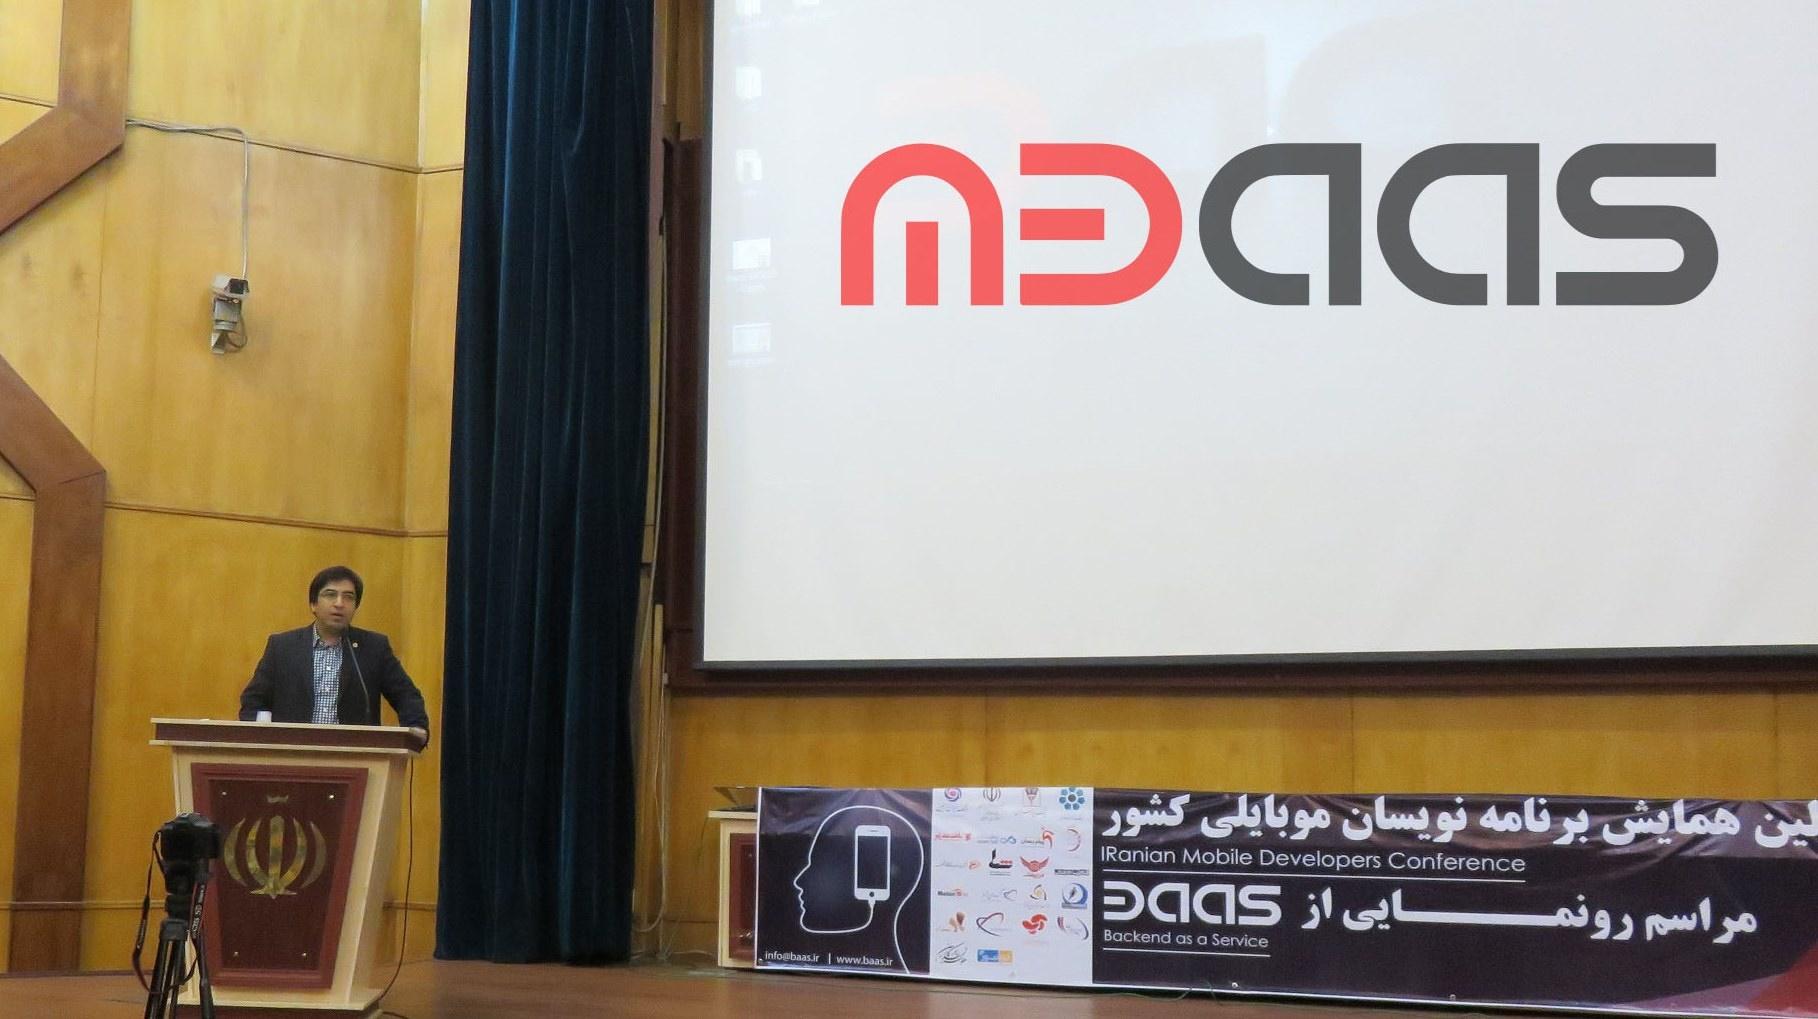 برای اولین بار در کشور BaaS ایرانی با حمایت همراه اول متولد شد